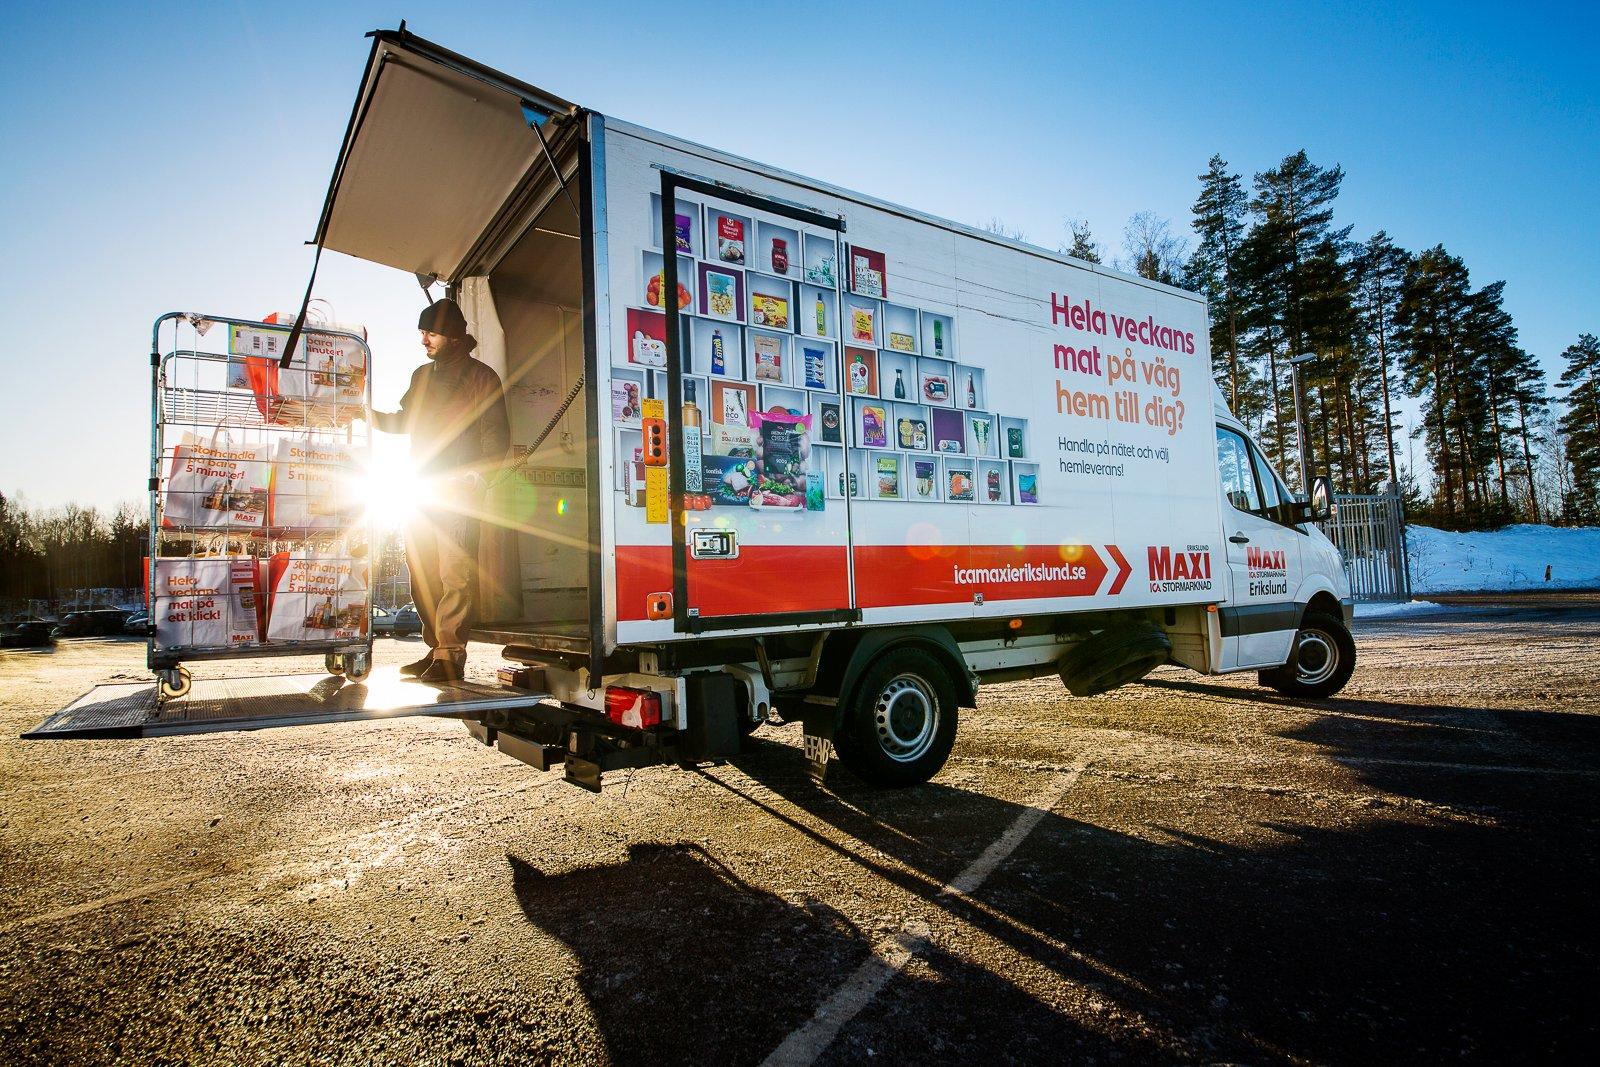 Emanuel Hanna från ICA Maxi Erikslust packar hela Sprintern full med matkassar. Bilarna har skåp i form av kylar, dessa är byggda hos Efab i Uppsala.